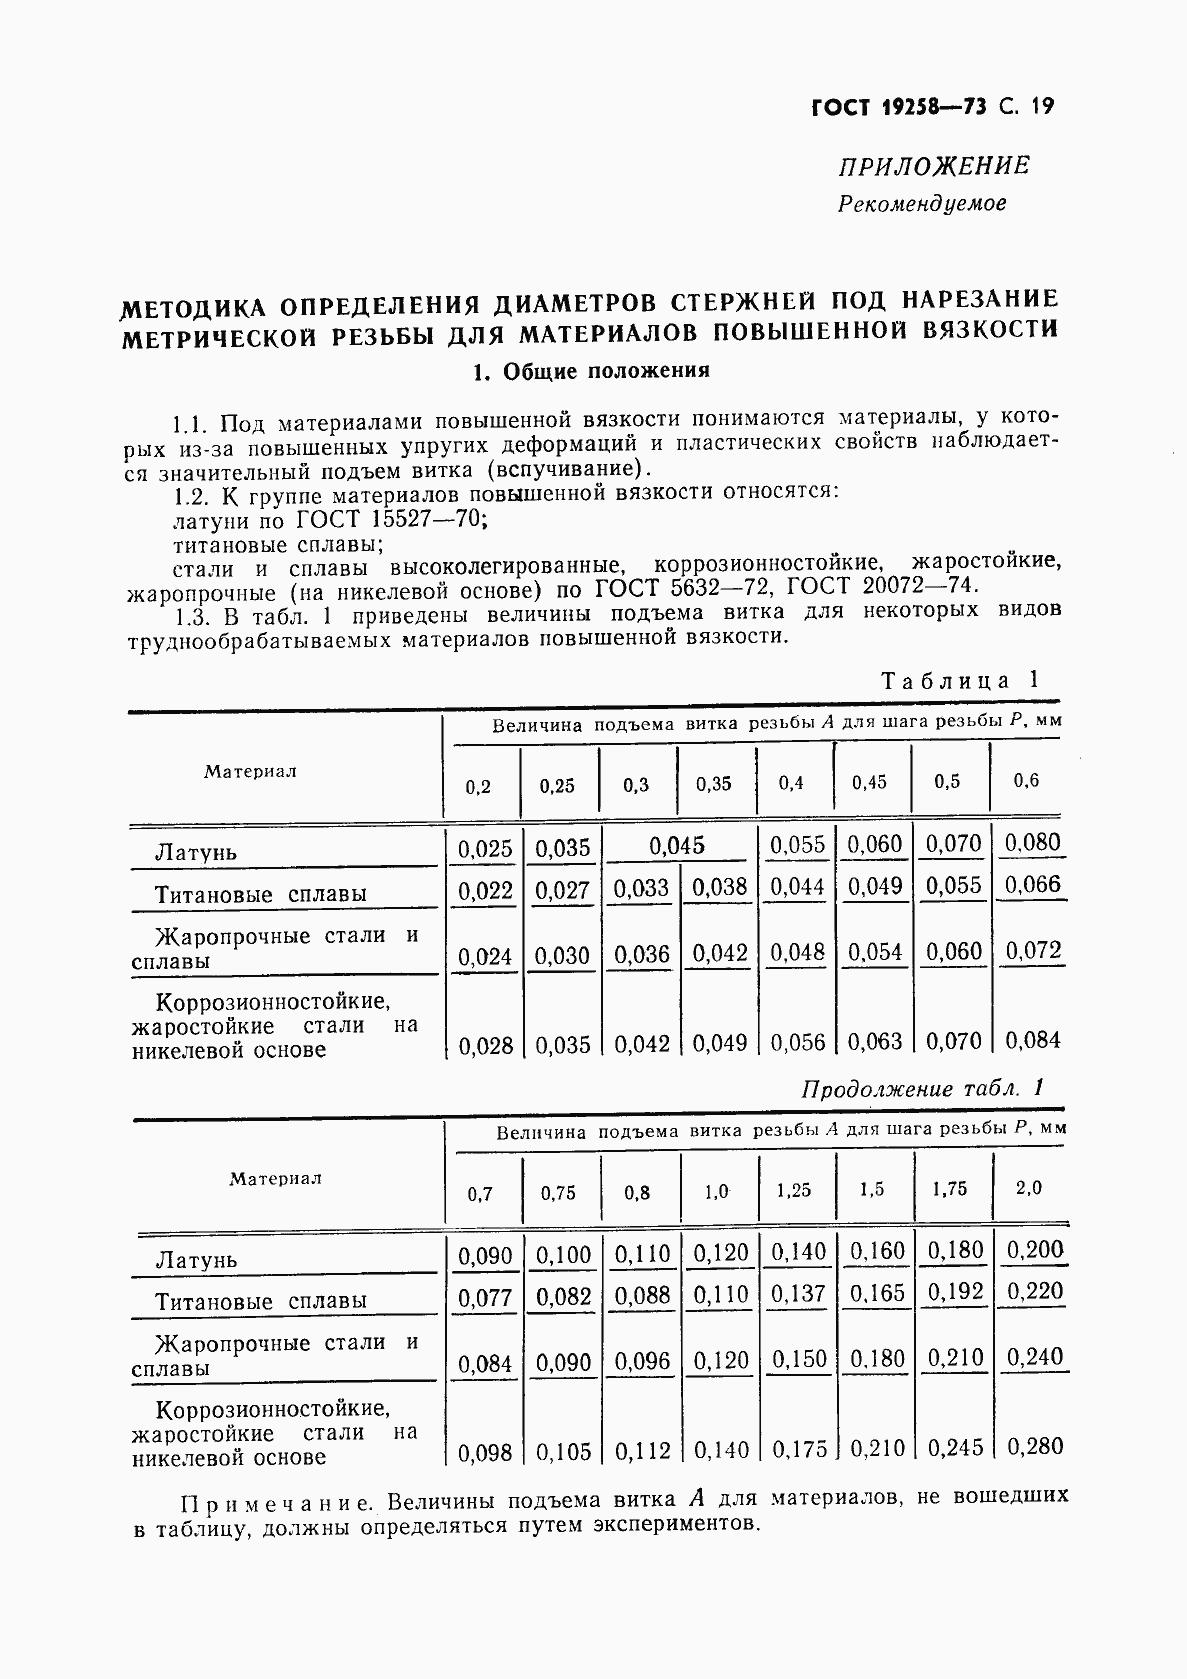 ГОСТ 19258-73. Страница 21